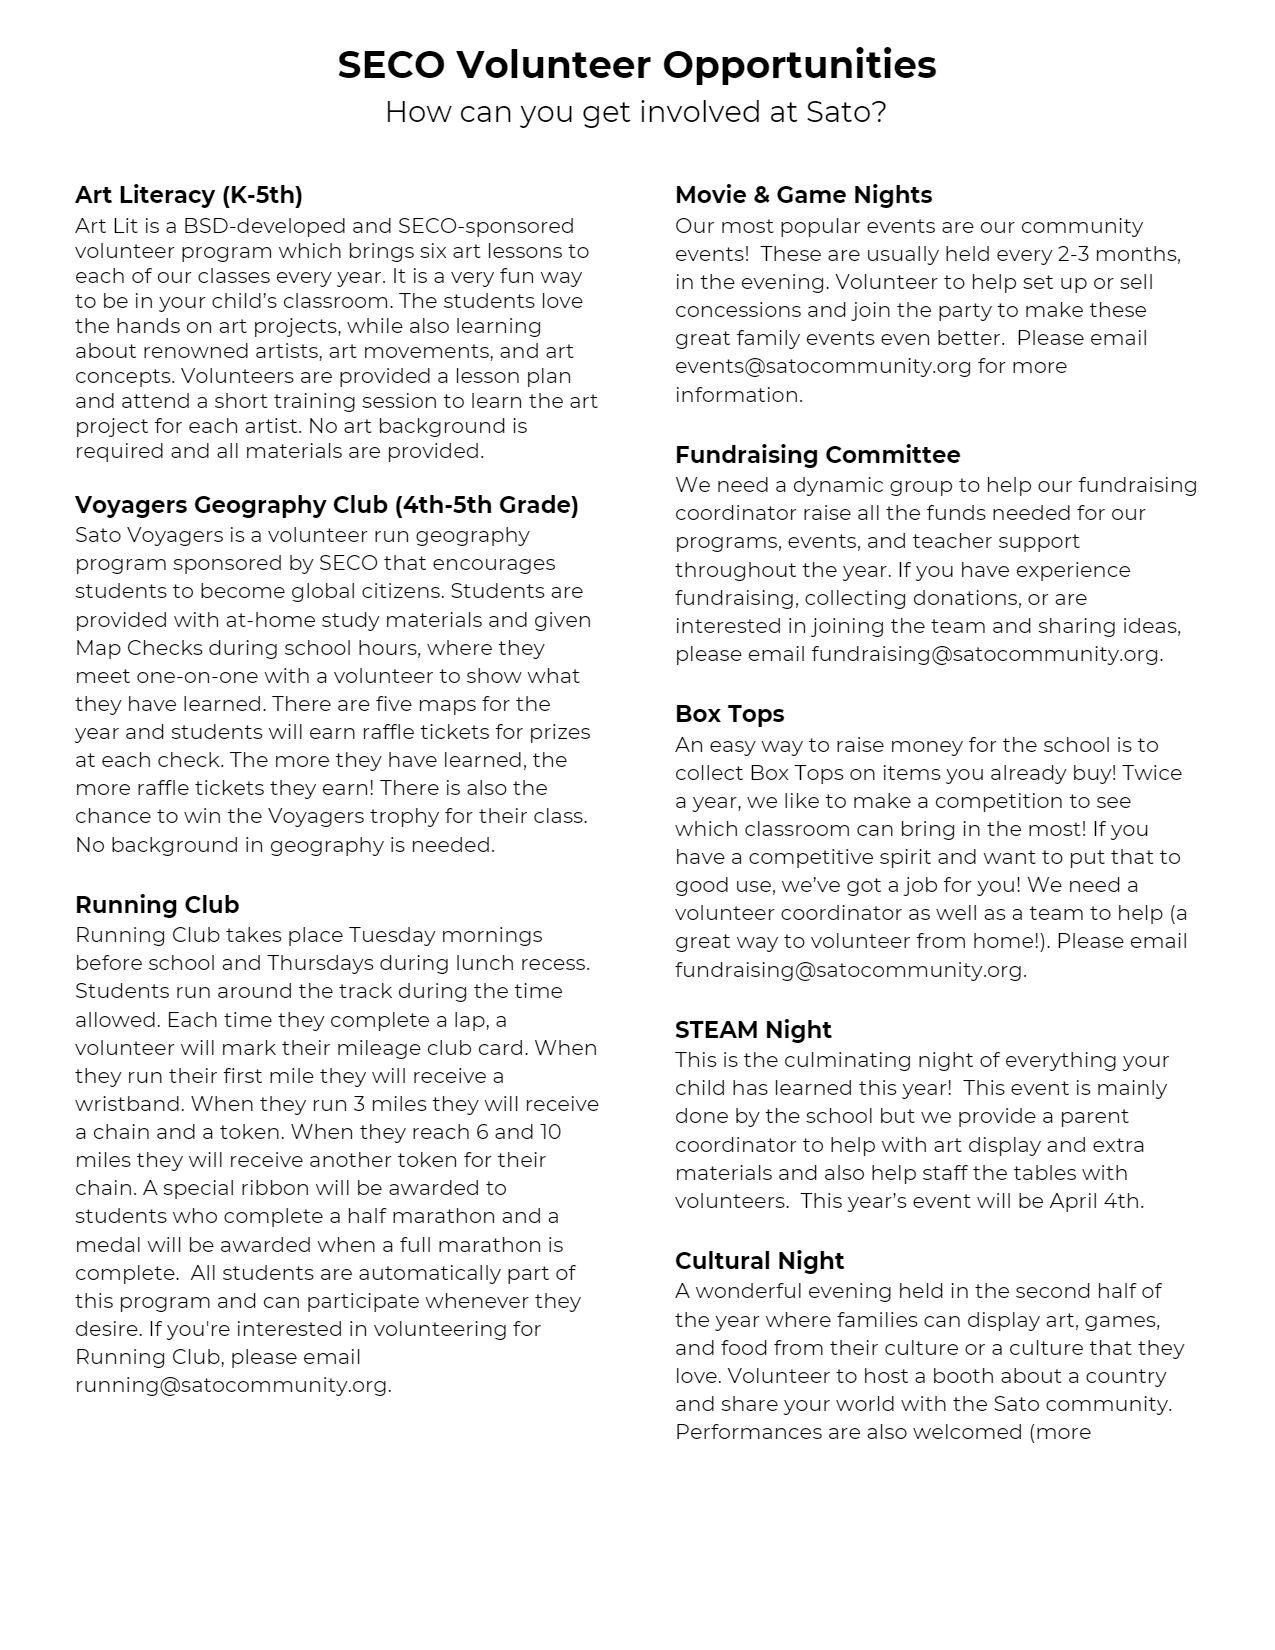 Copy of Volunteer Opportunities-1.jpg